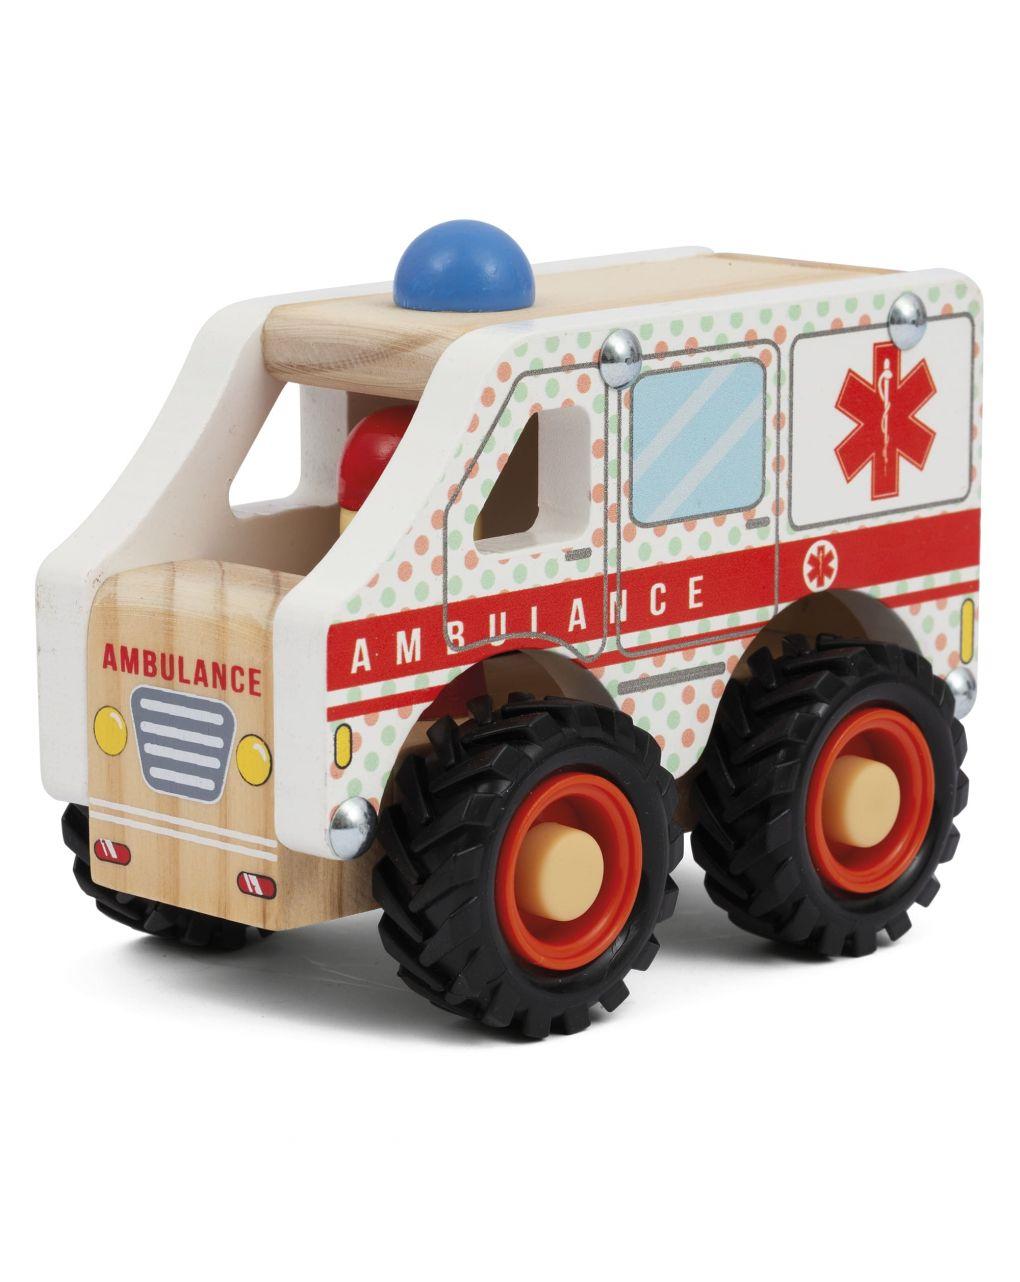 Wood'n'play - mini veicoli in legno - Wood'N'Play